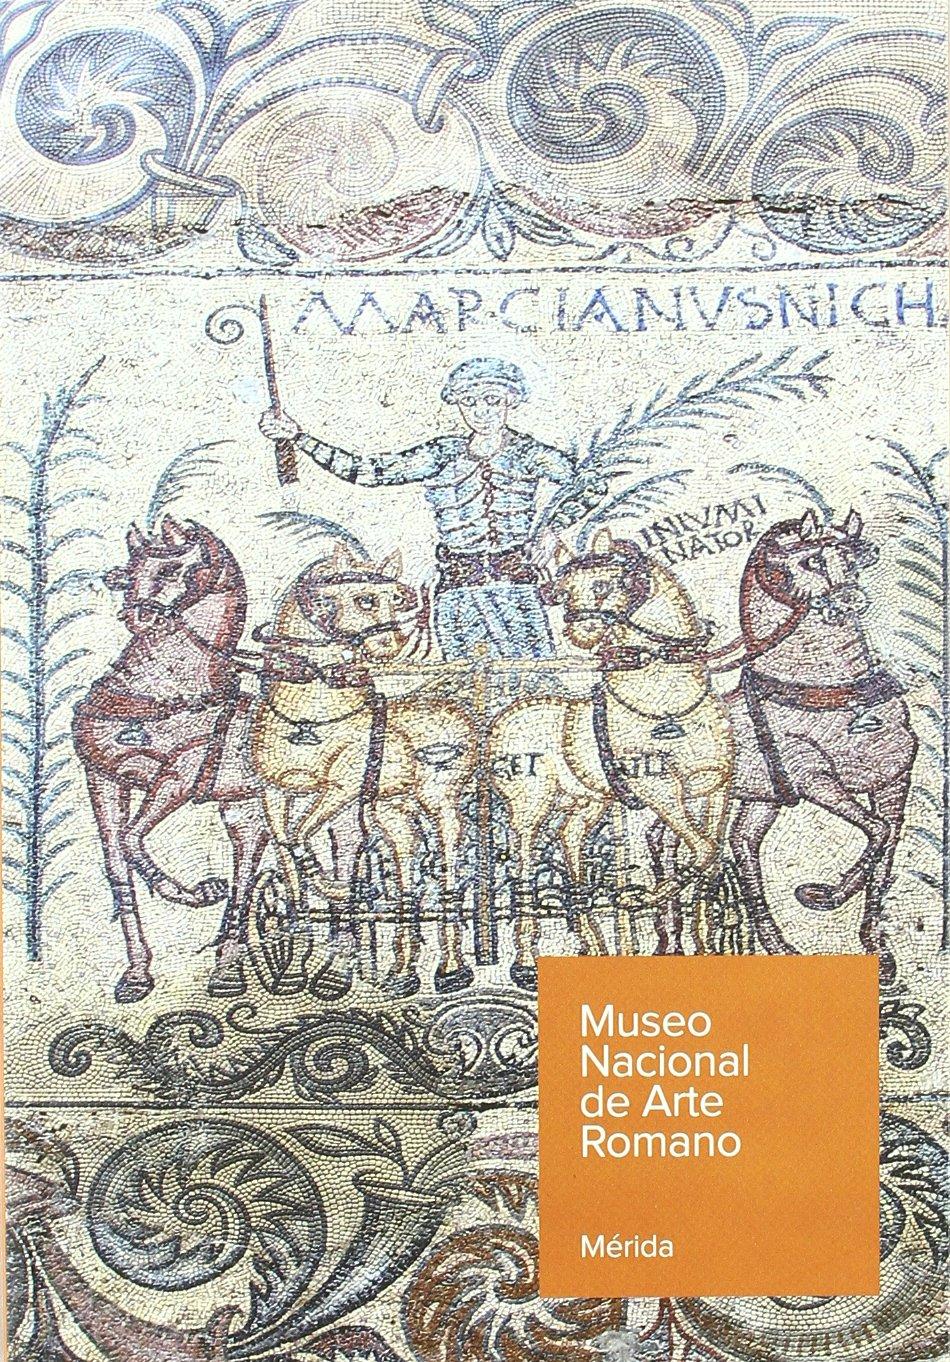 Guía del Museo Nacional de Arte Romano: Amazon.es: España. Subdirección General de Museos Estatales, Álvarez Martínez, José María: Libros